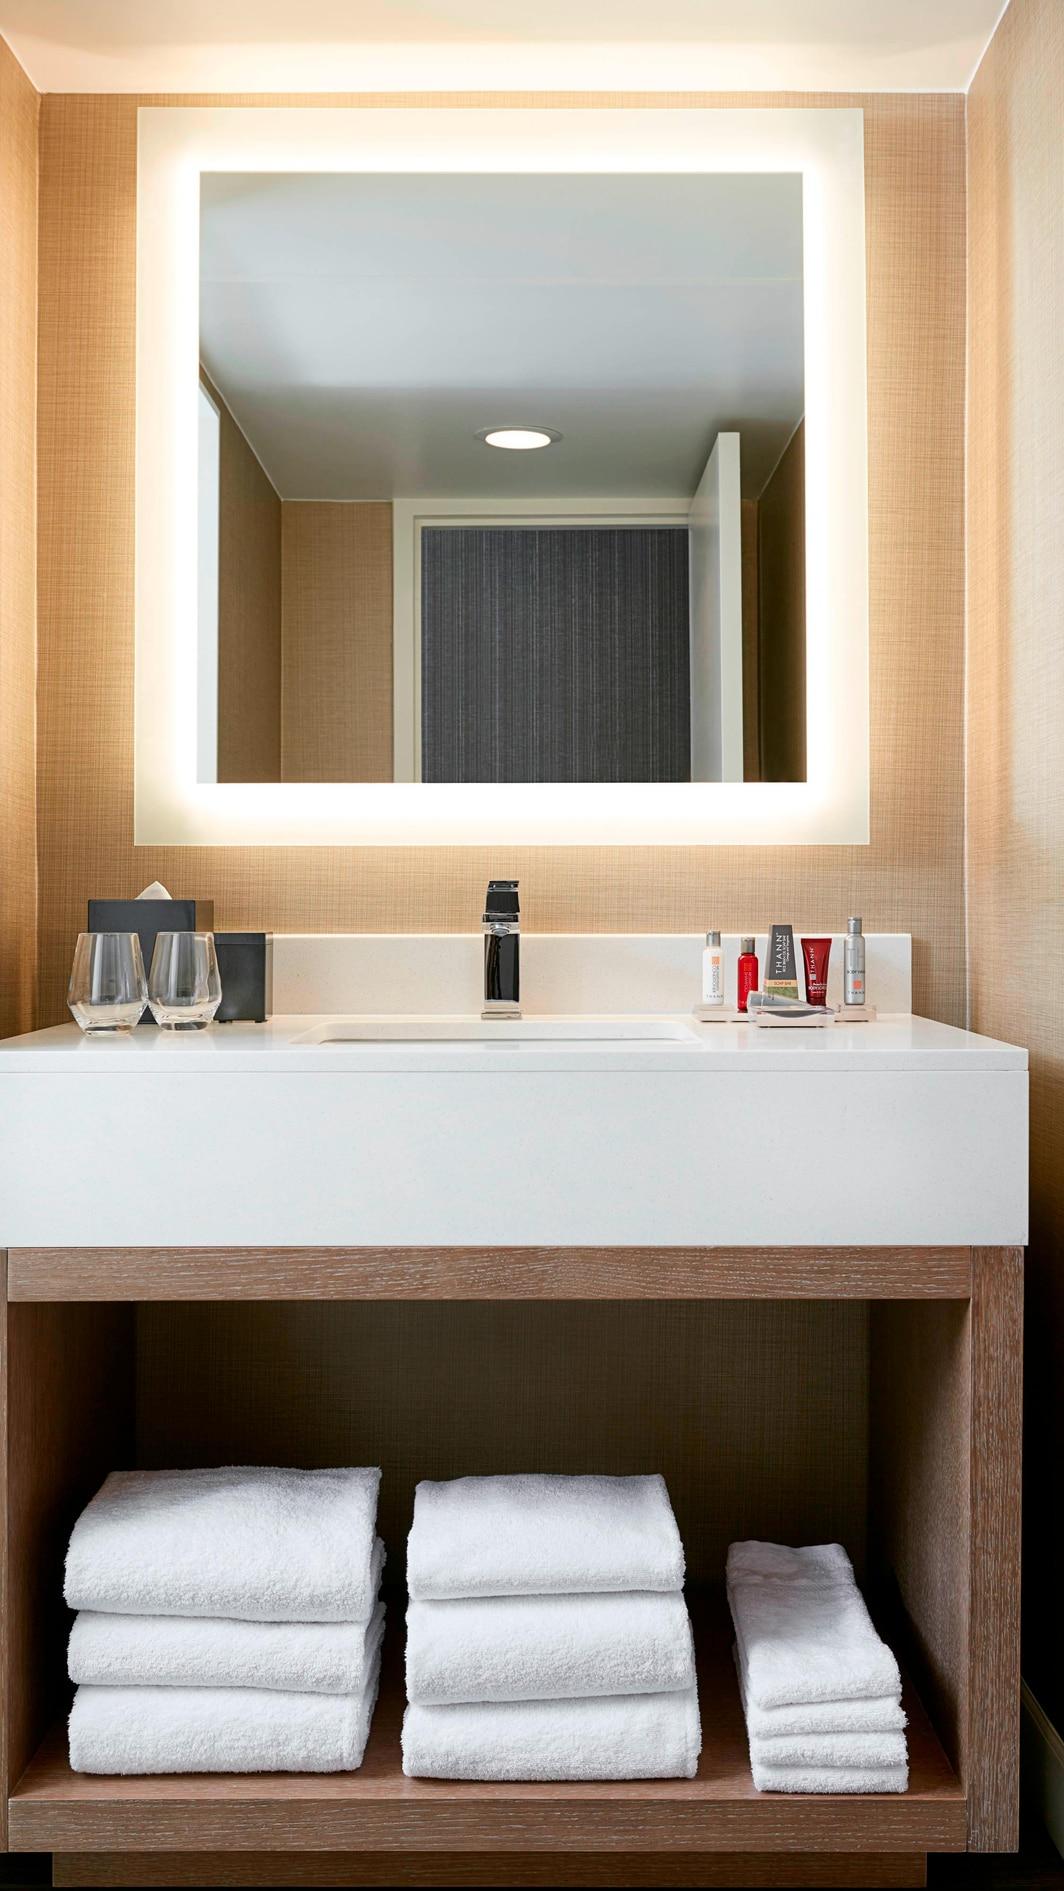 Baño de la habitación en el centro urbano de Charlotte